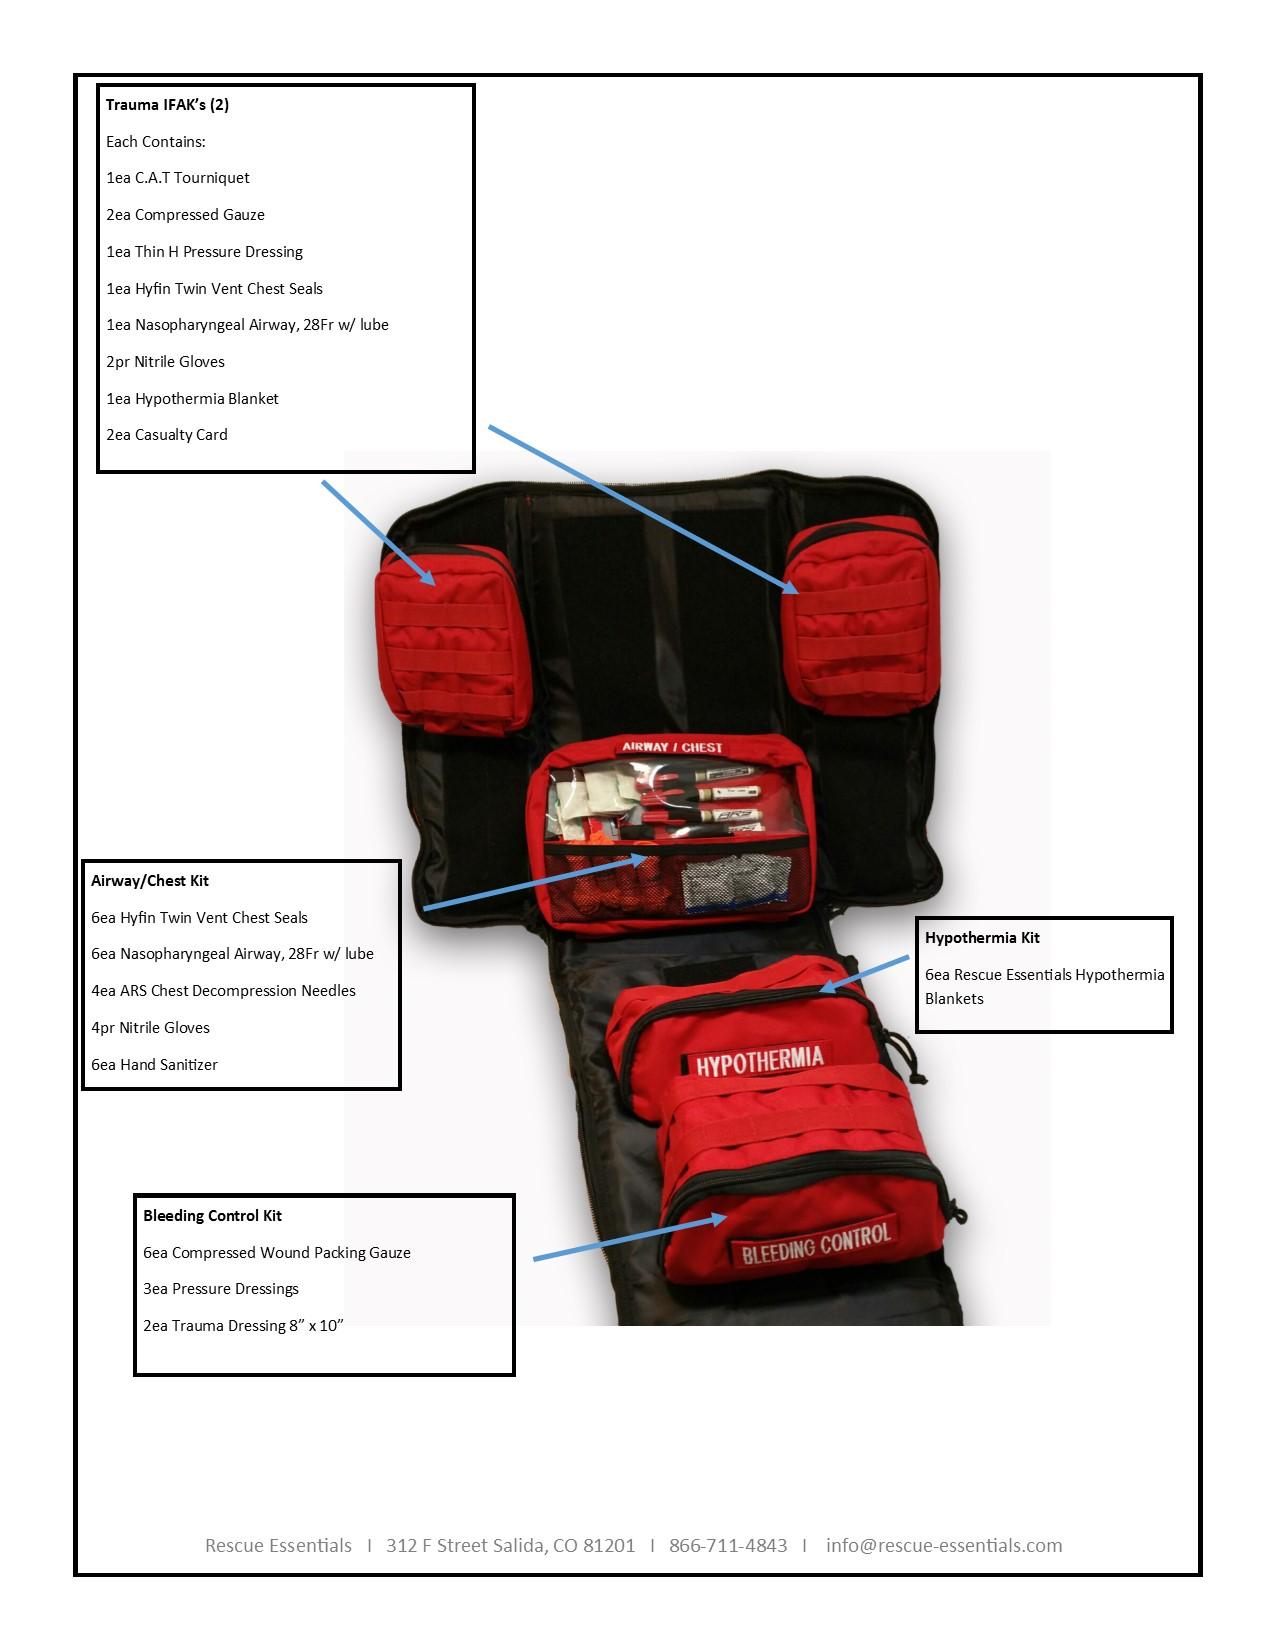 mci-pack2.jpg